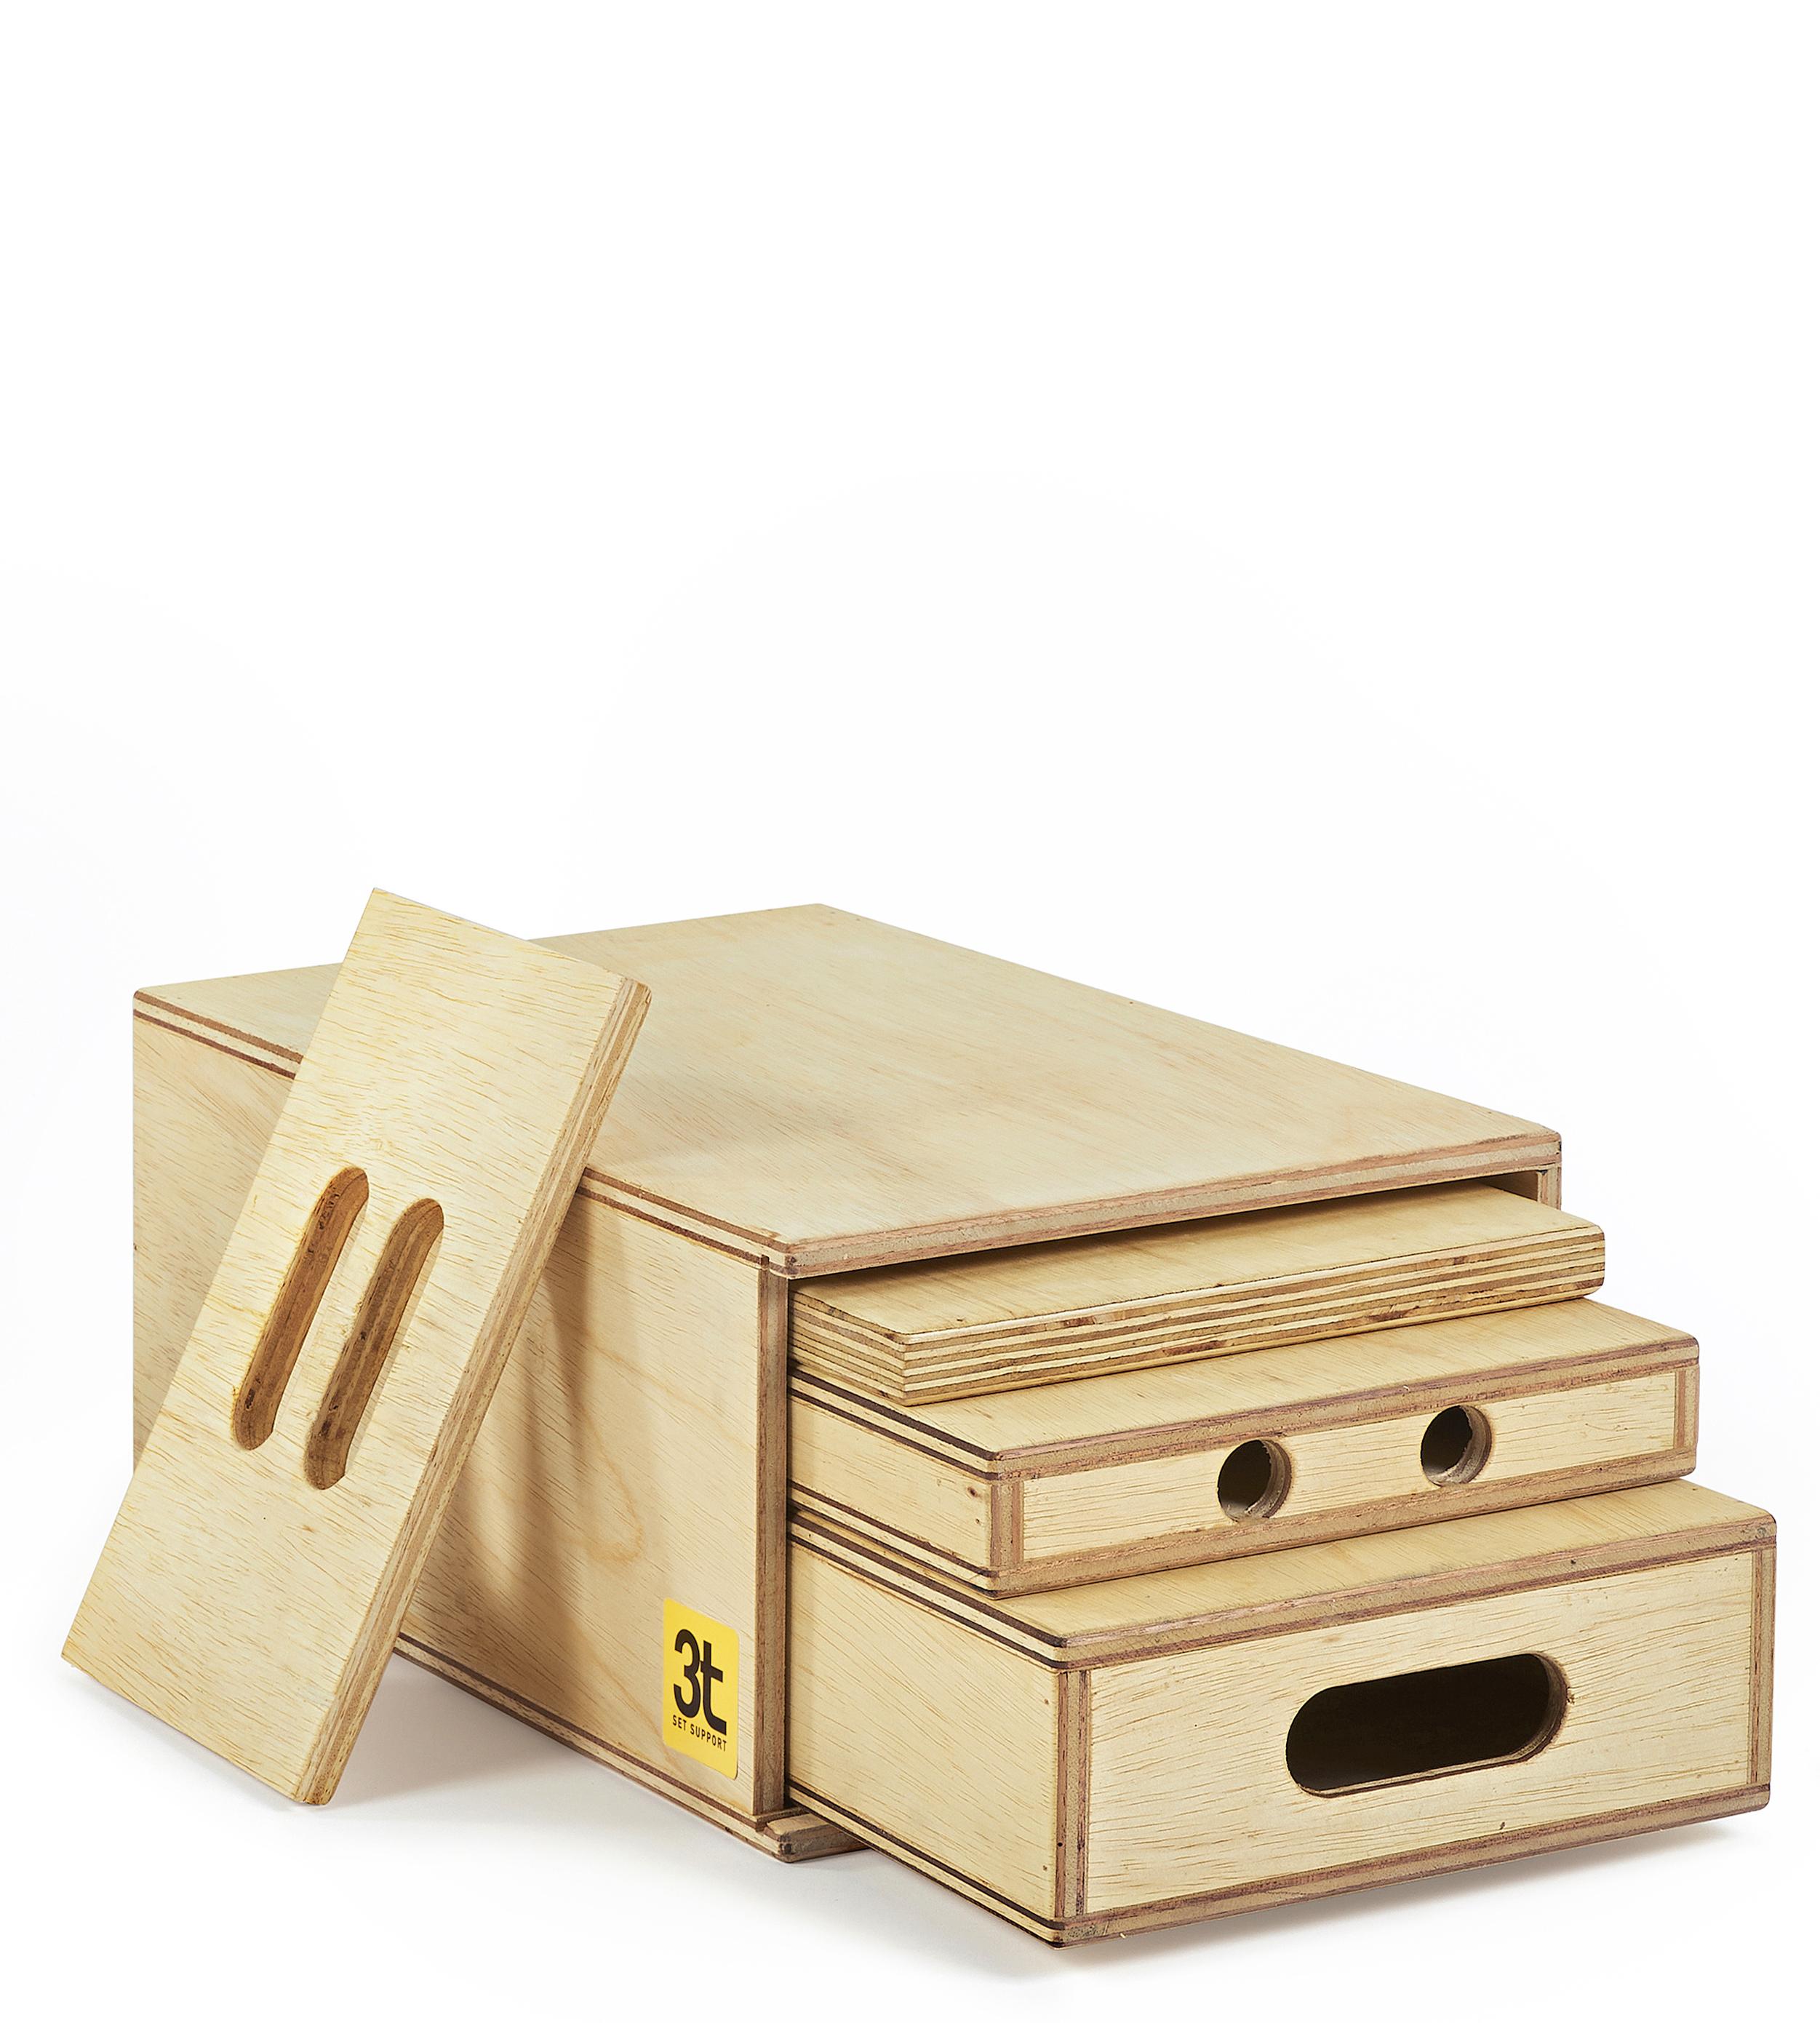 Jogo de tabelas com 4 tamanhos